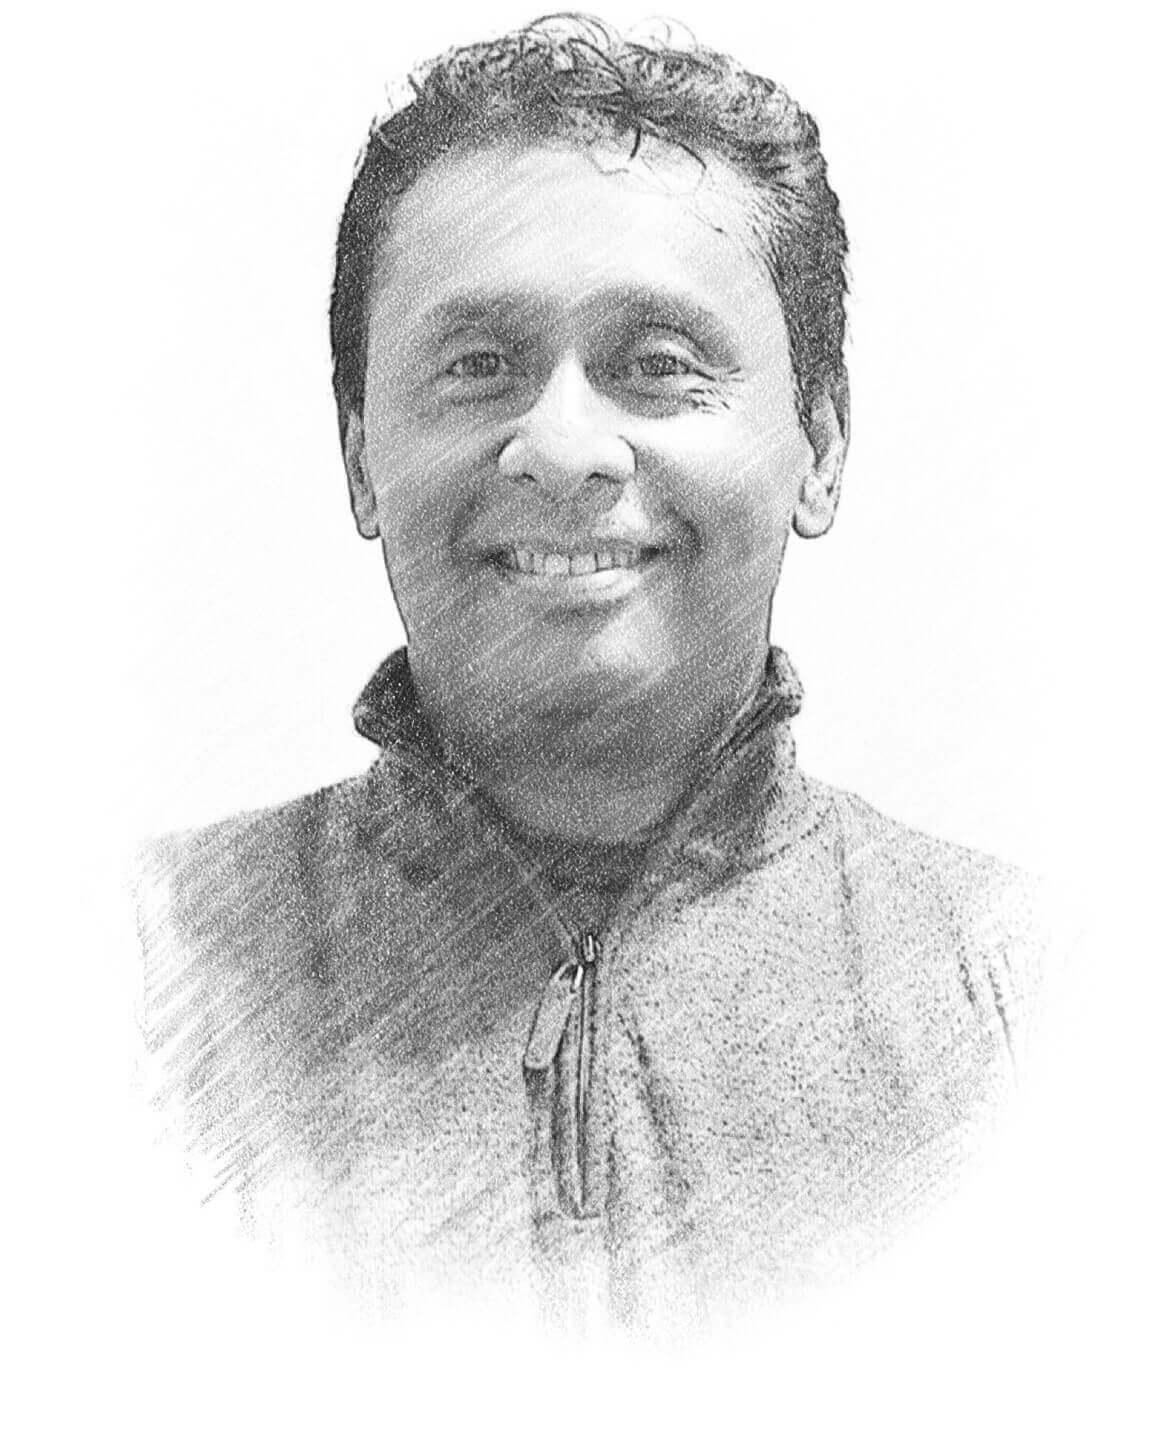 Oswald Jayatunga